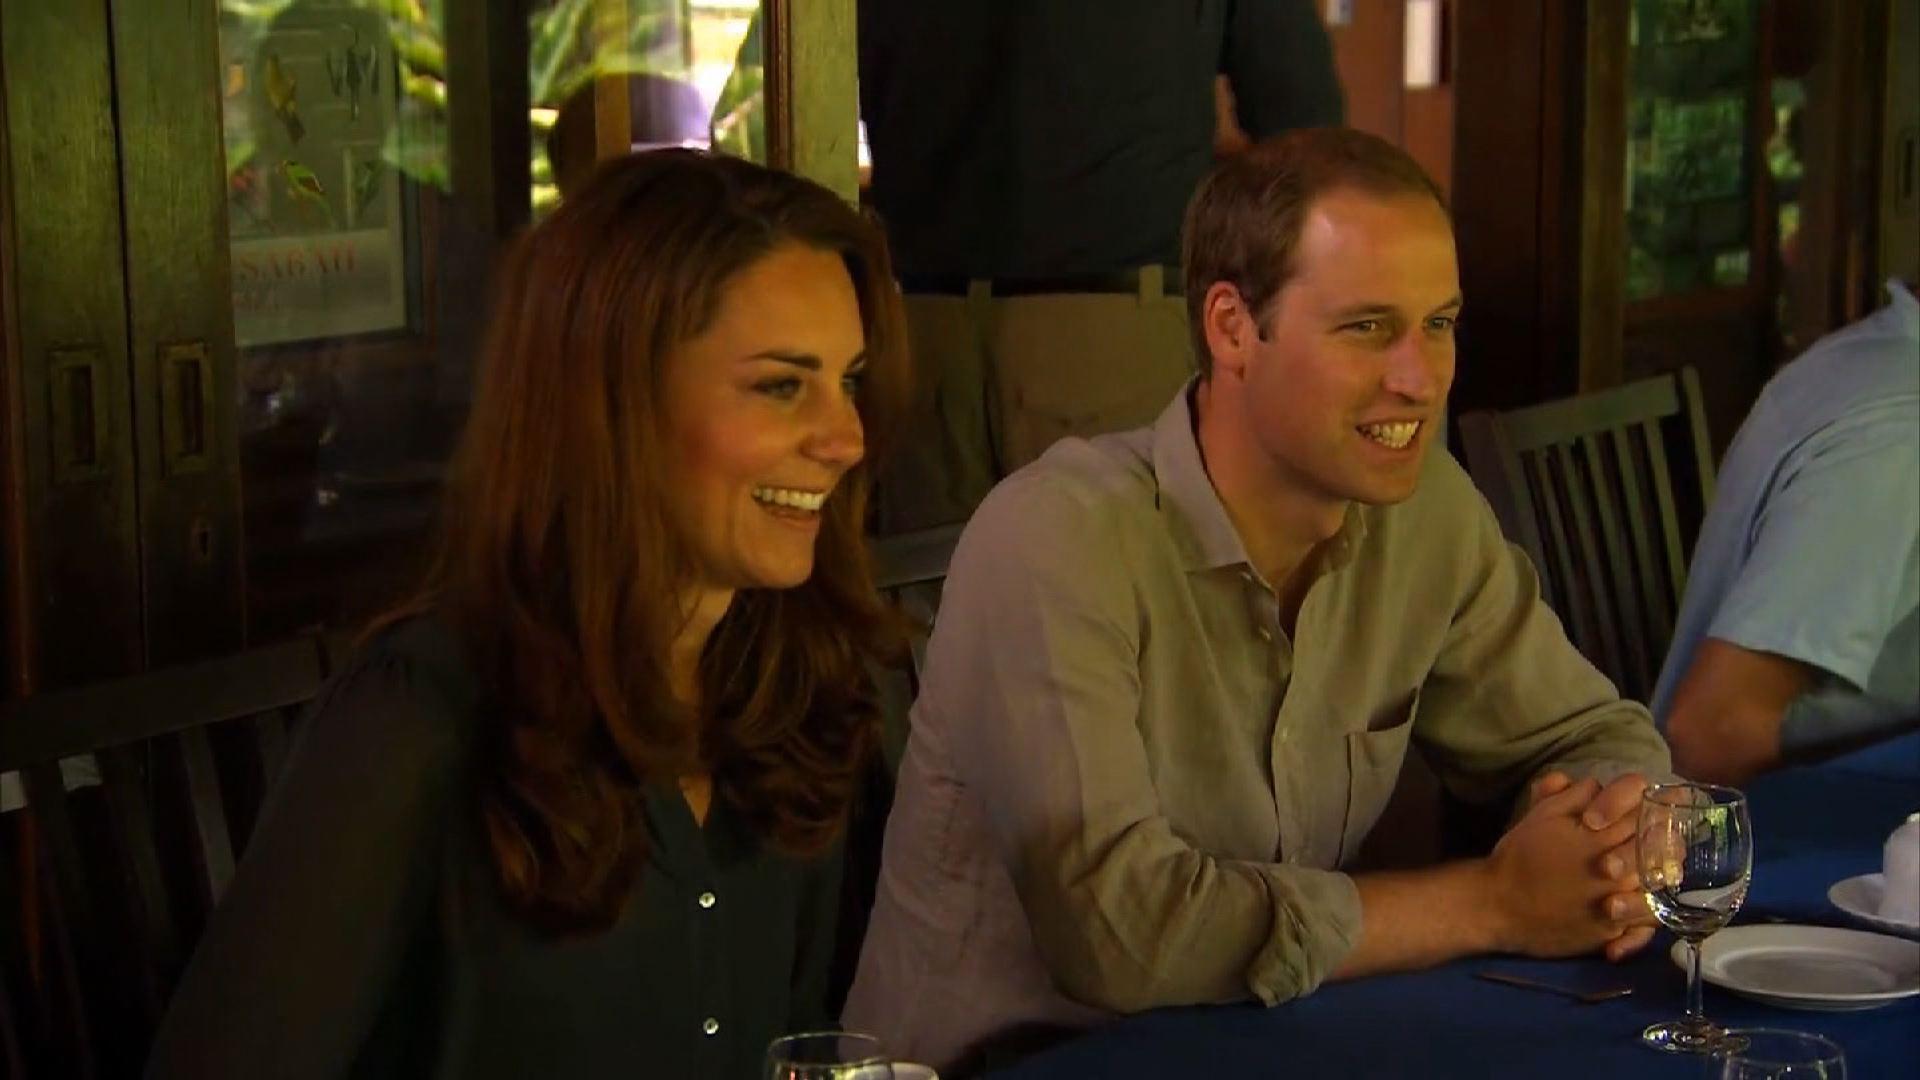 Prince William & Kate